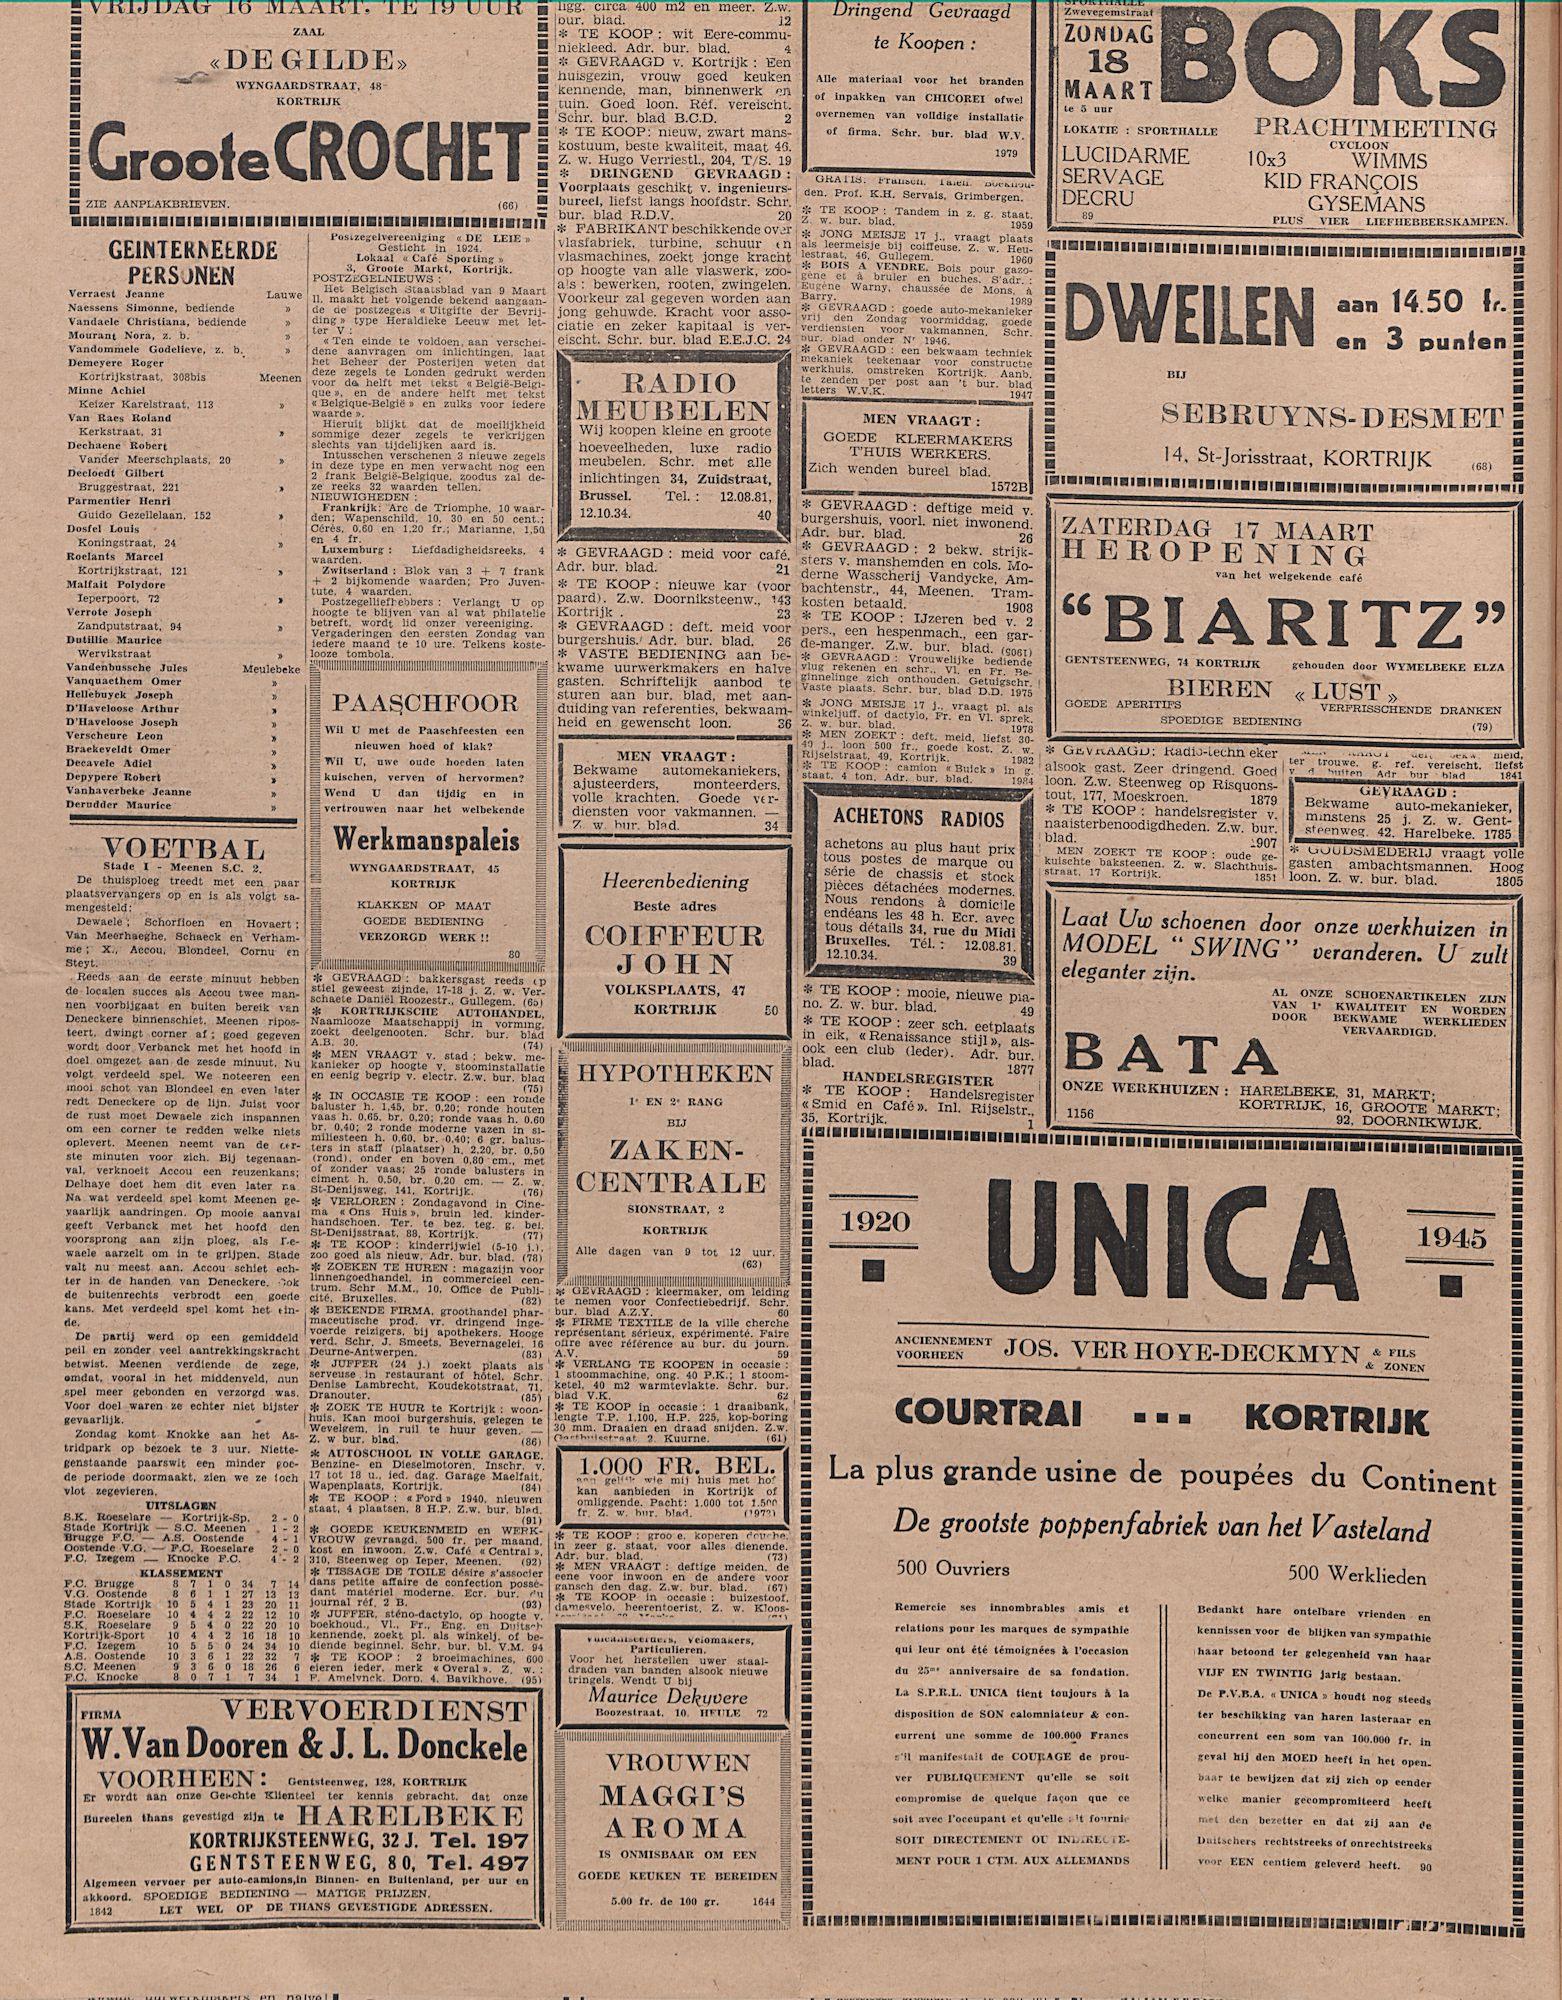 Kortrijksch Handelsblad 14 maart 1945 Nr21 p2